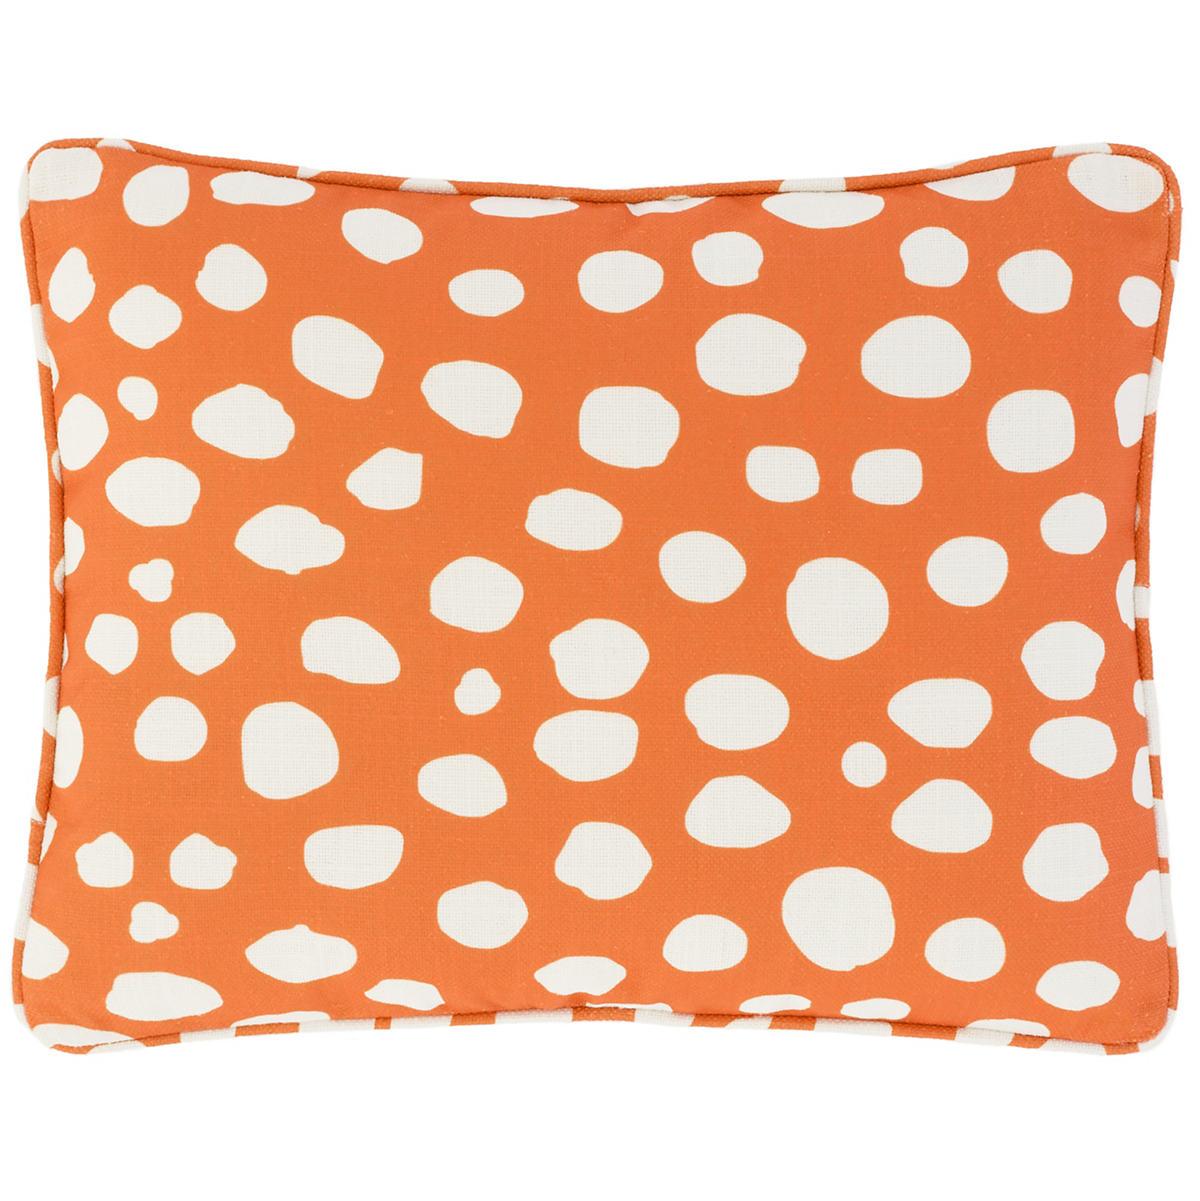 Spot On Orange Indoor/Outdoor Decorative Pillow